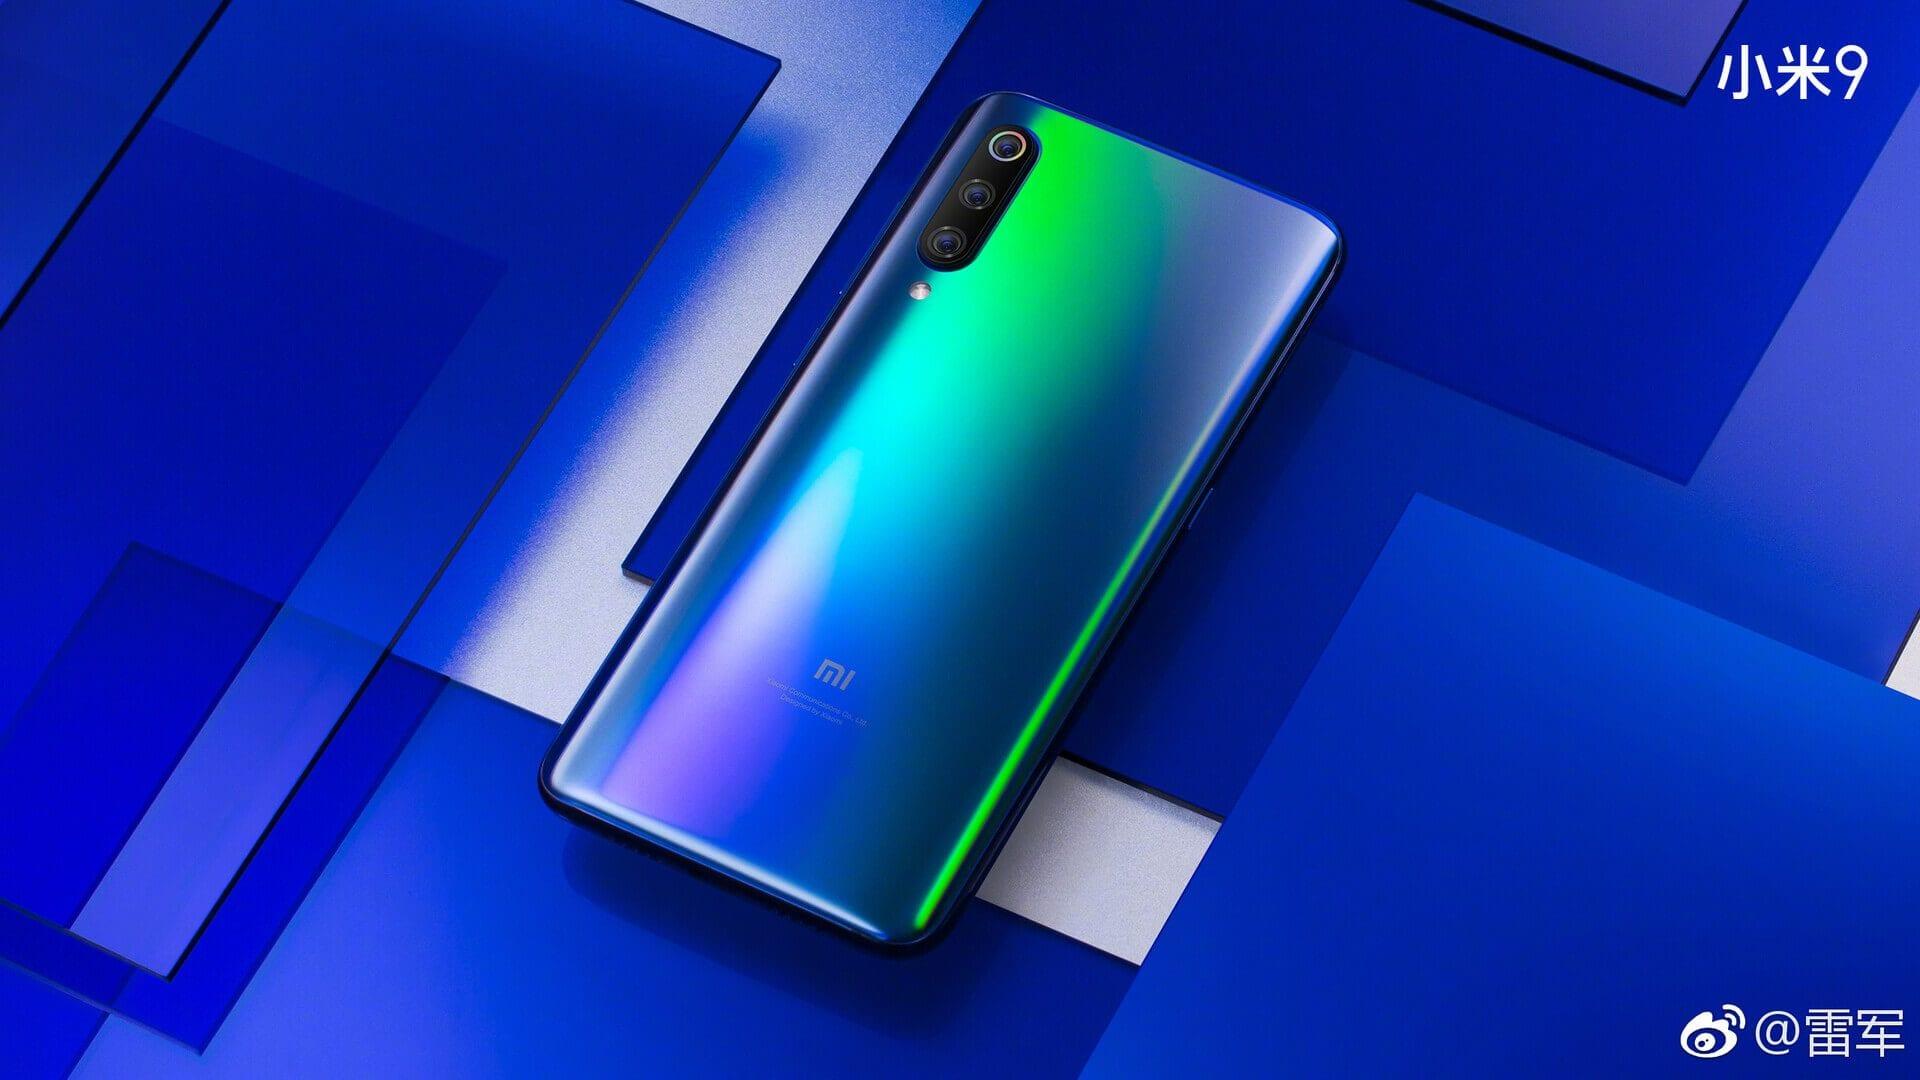 Xiaomi Mi 9 colorazione blu